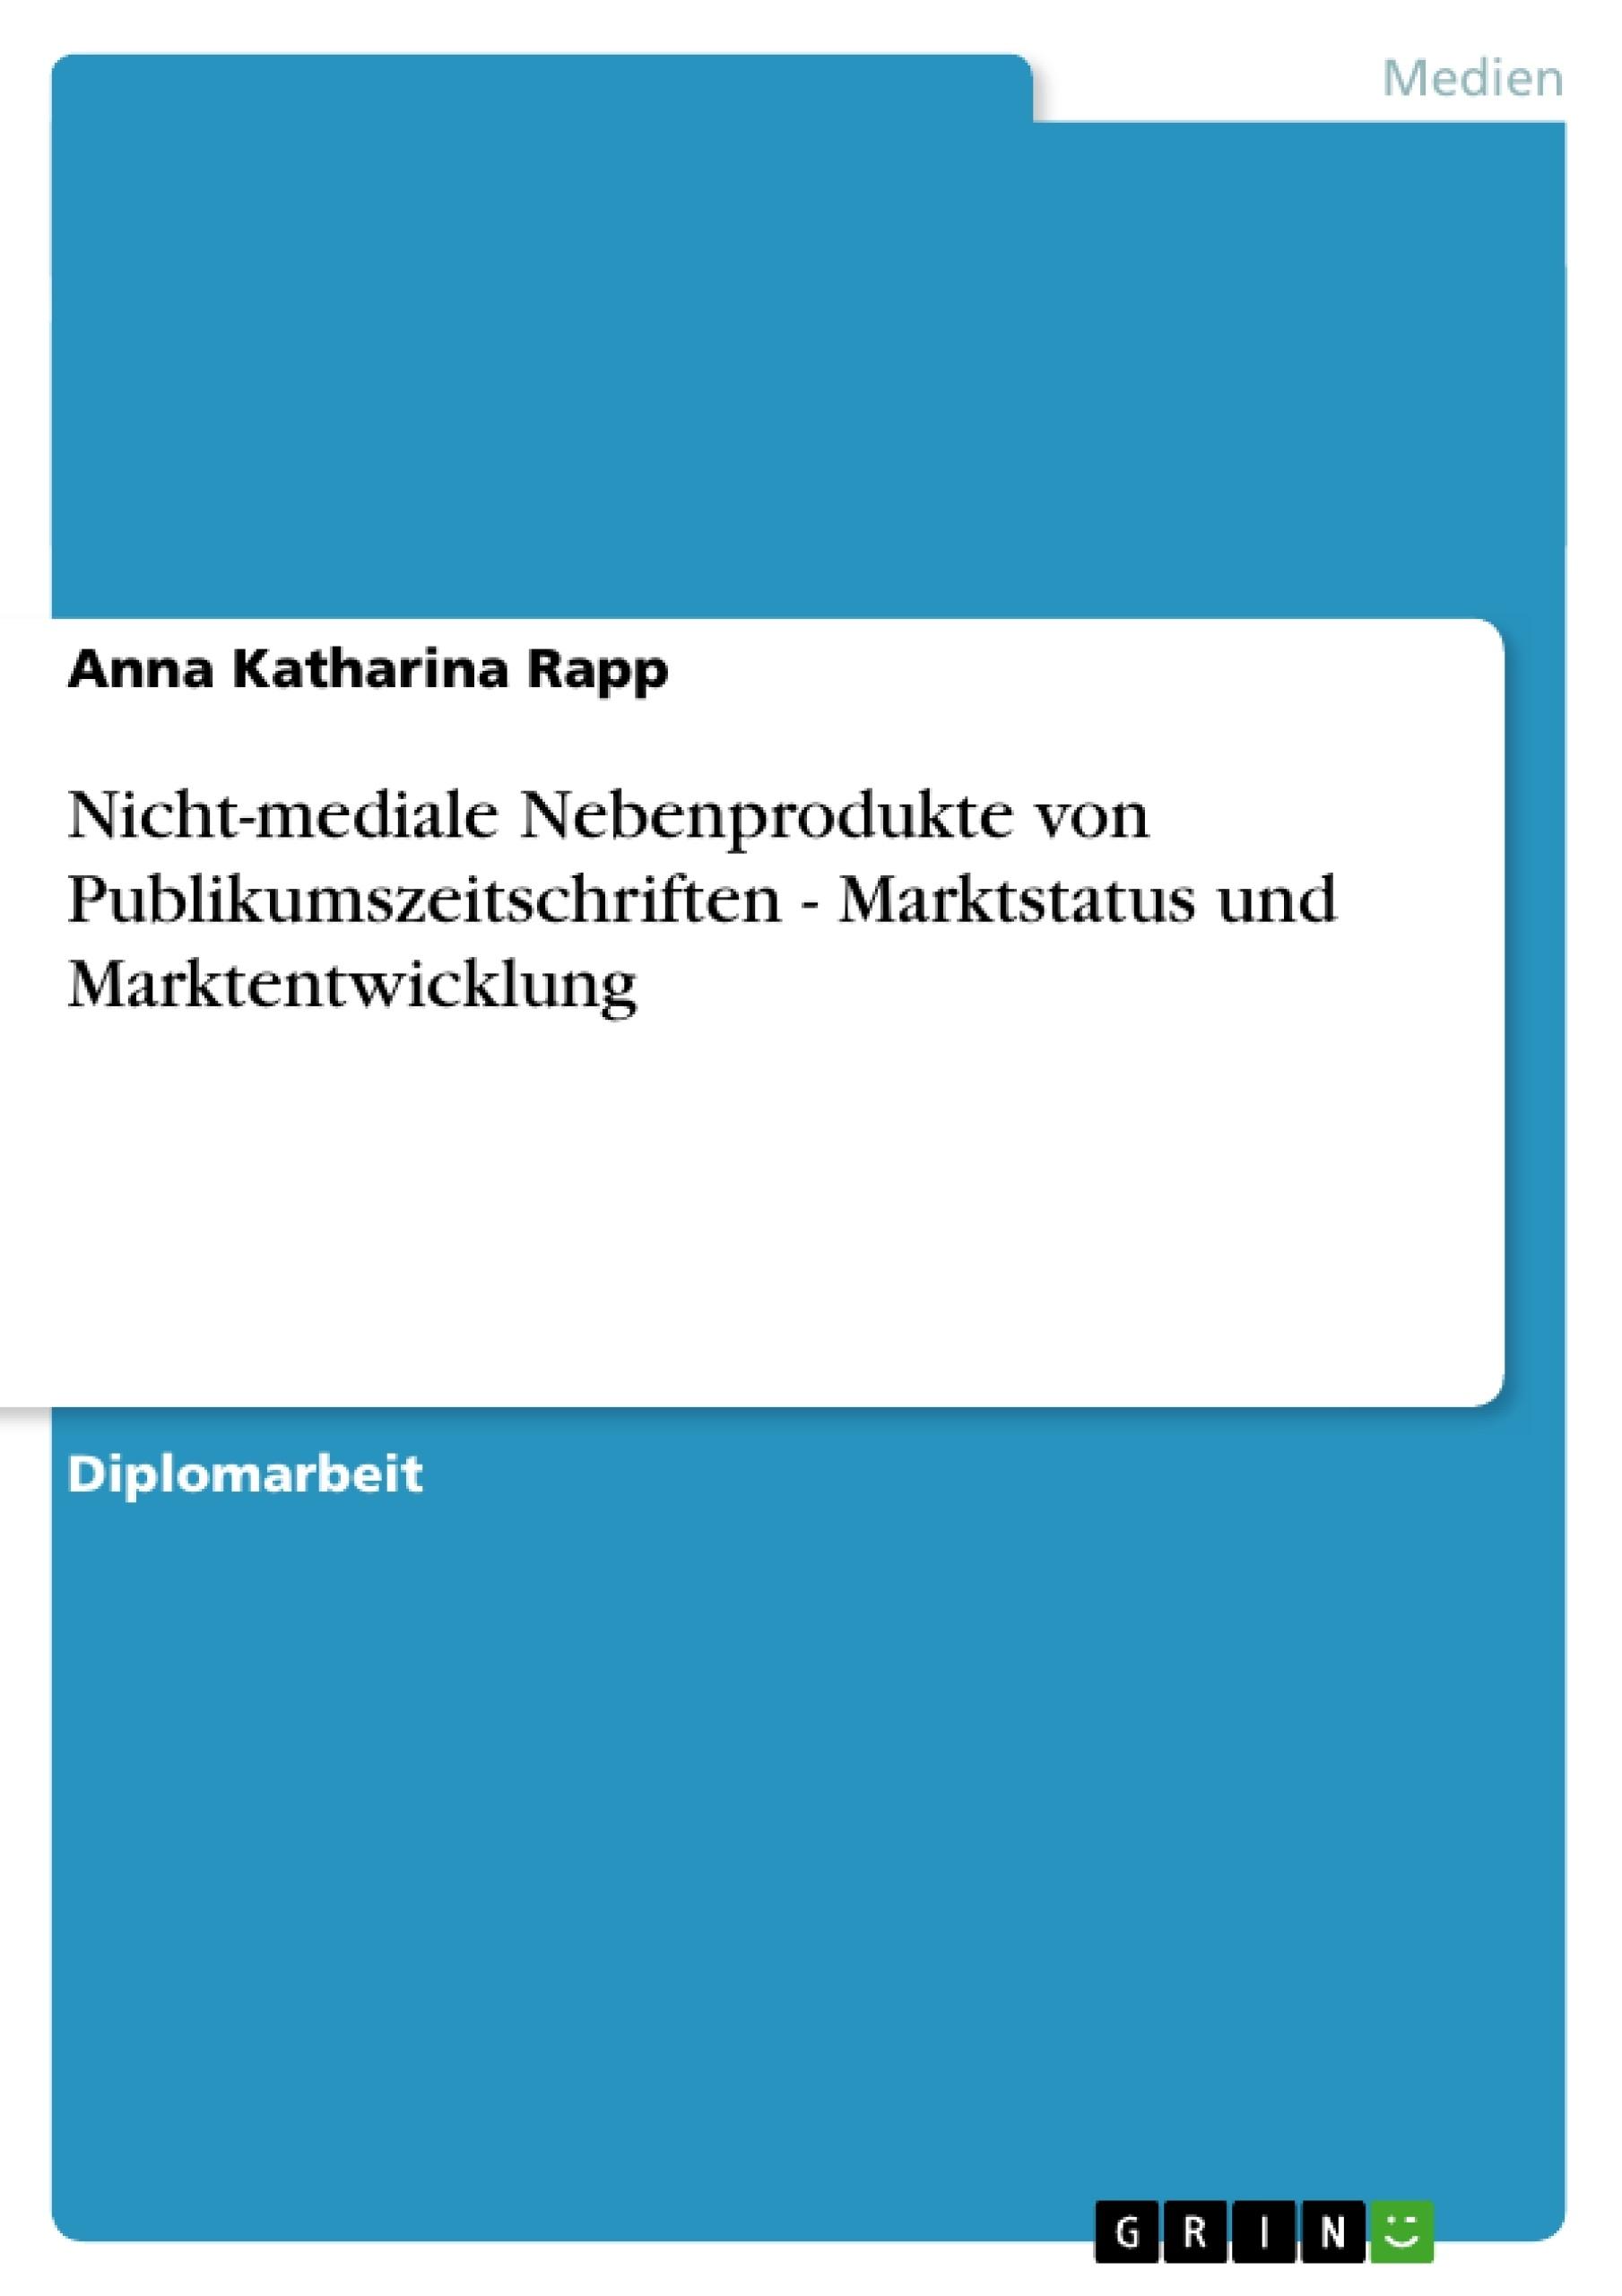 Titel: Nicht-mediale Nebenprodukte von Publikumszeitschriften - Marktstatus und Marktentwicklung